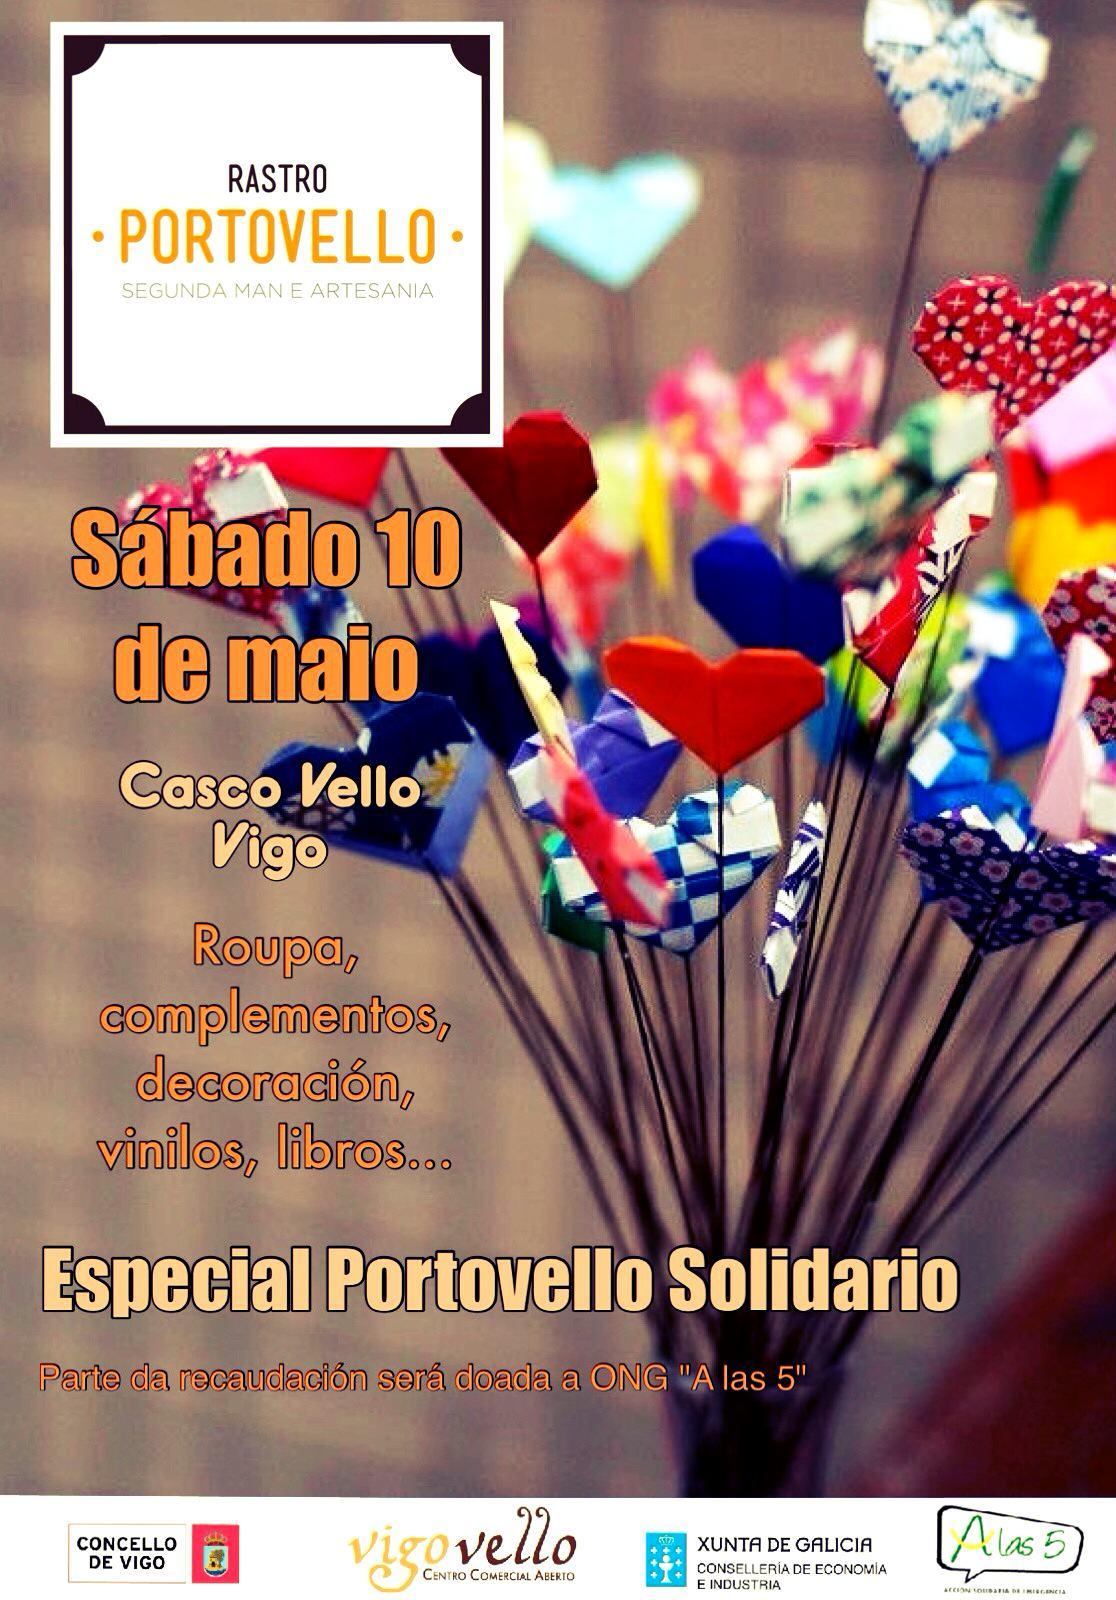 Rastro Portovello Maio